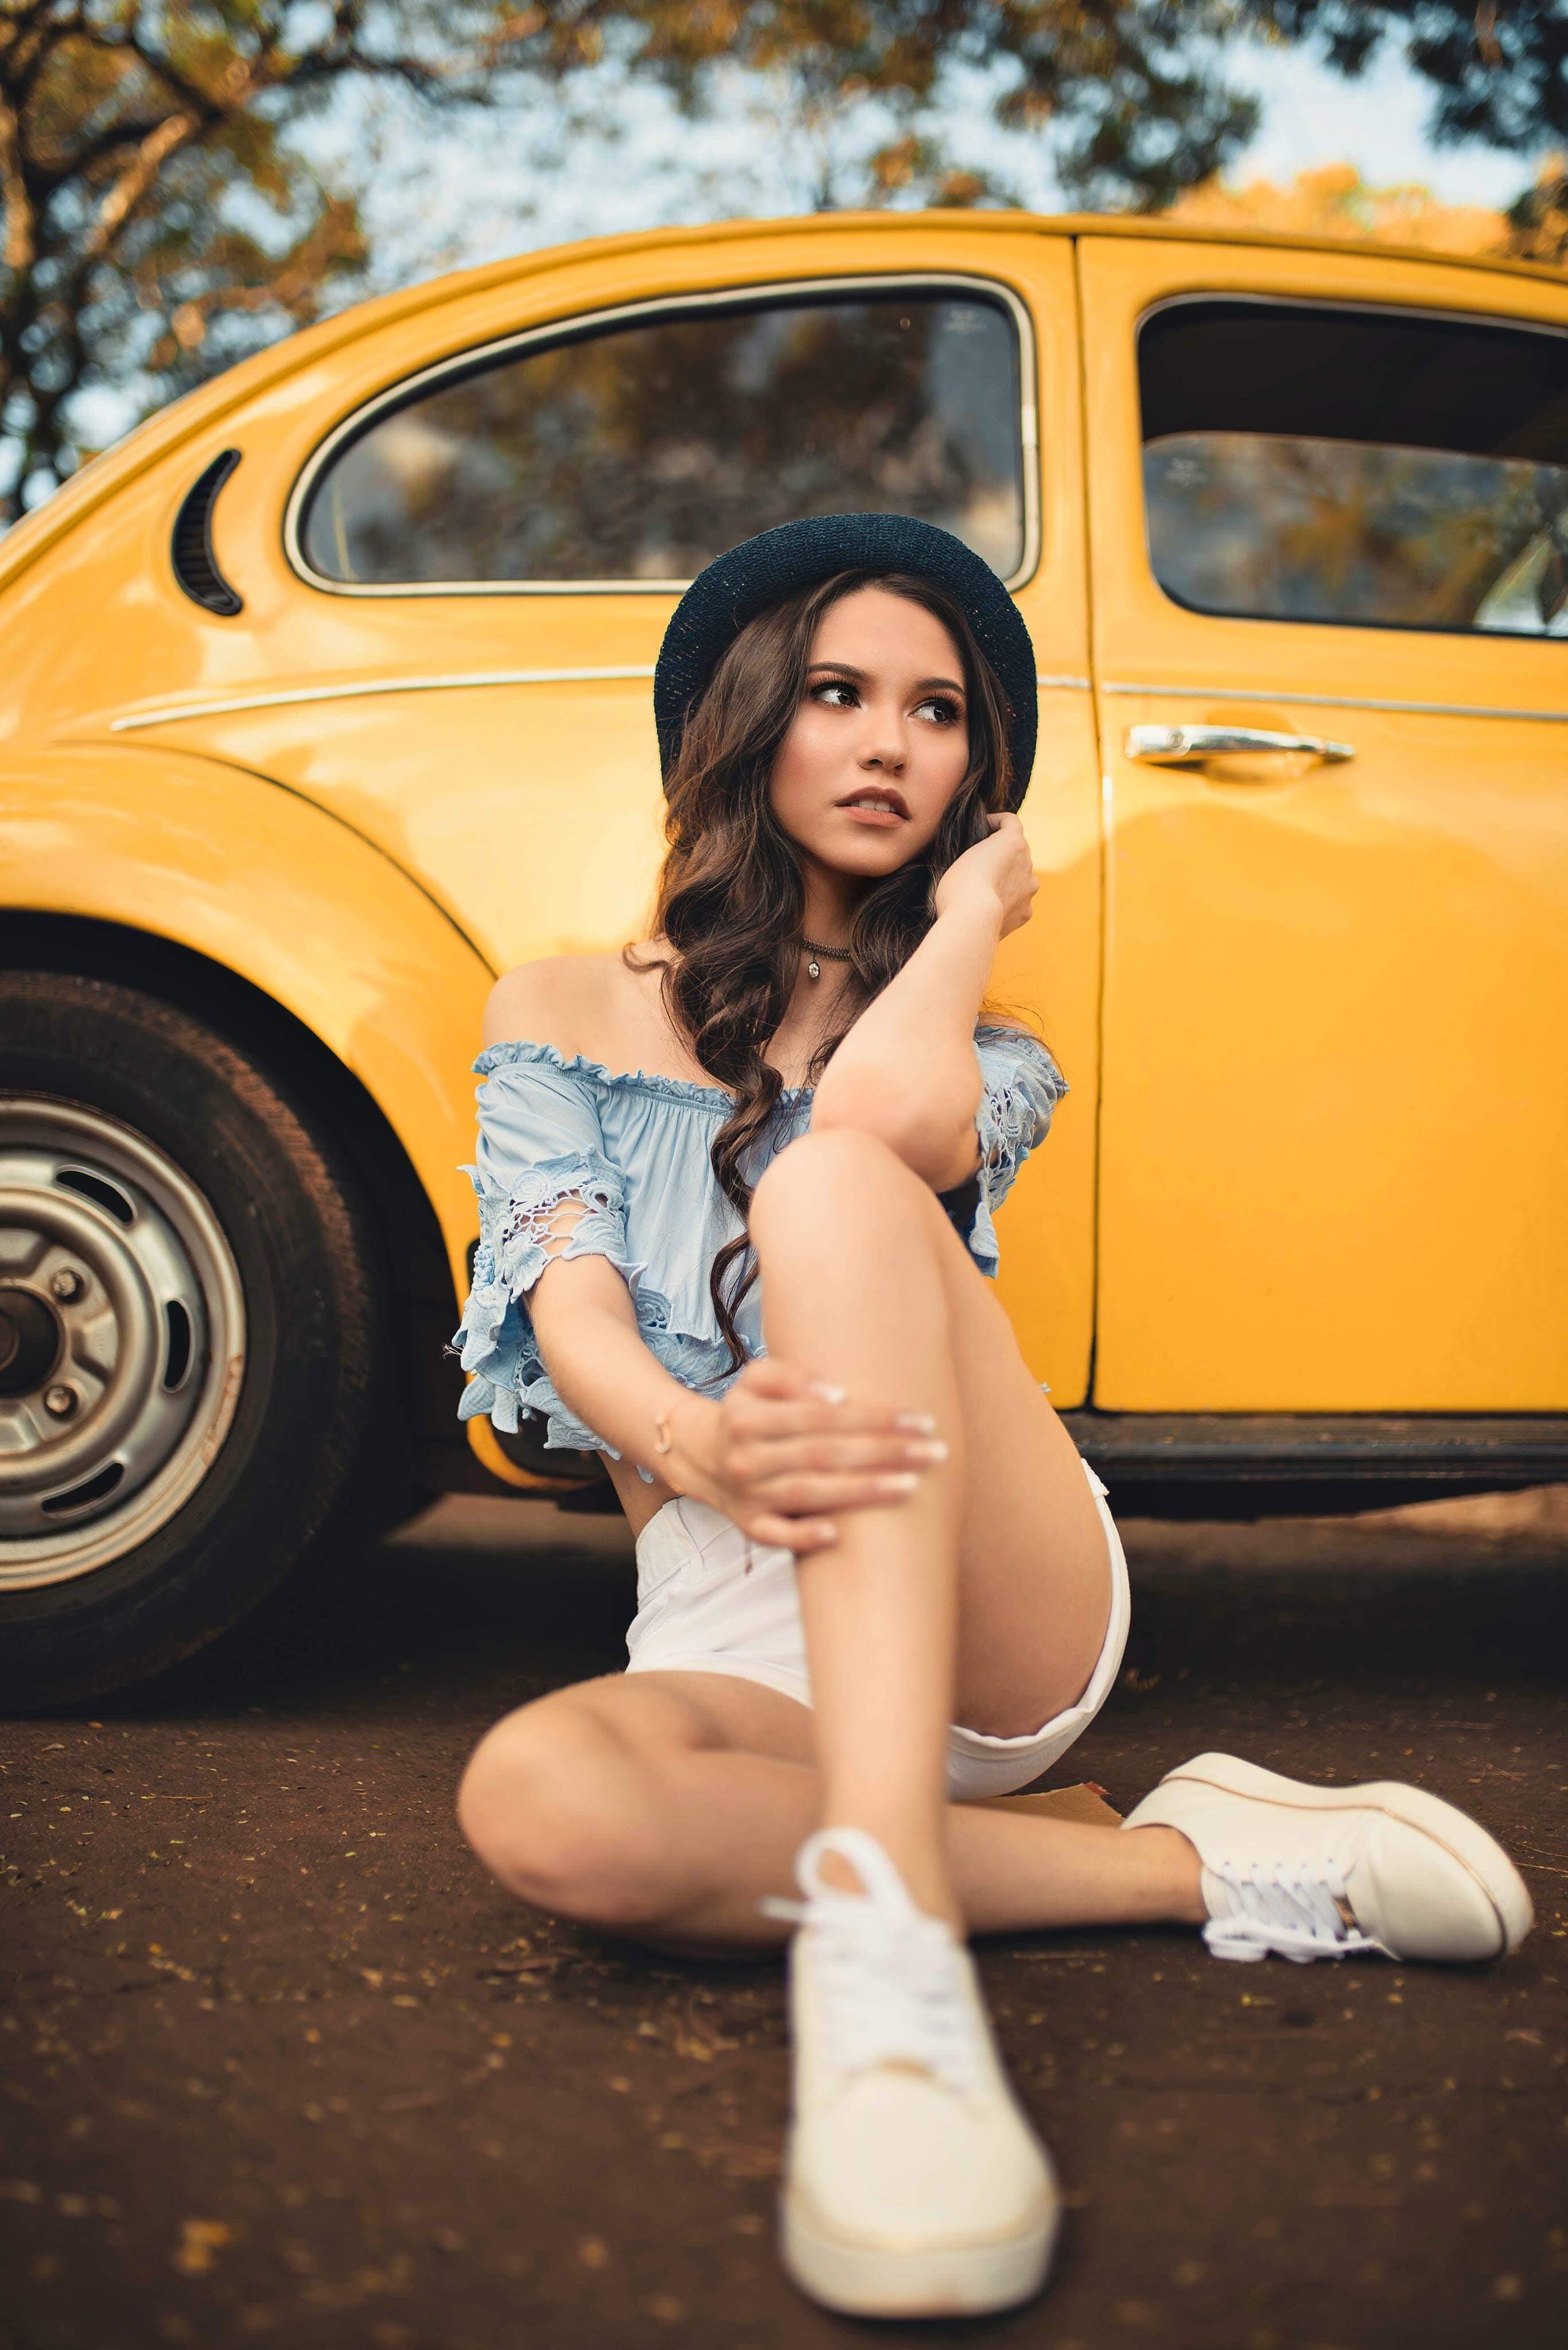 Безкоштовне стокове фото на тему «Volkswagen Beetle, автомобіль, азіатська жінка, вираз обличчя»